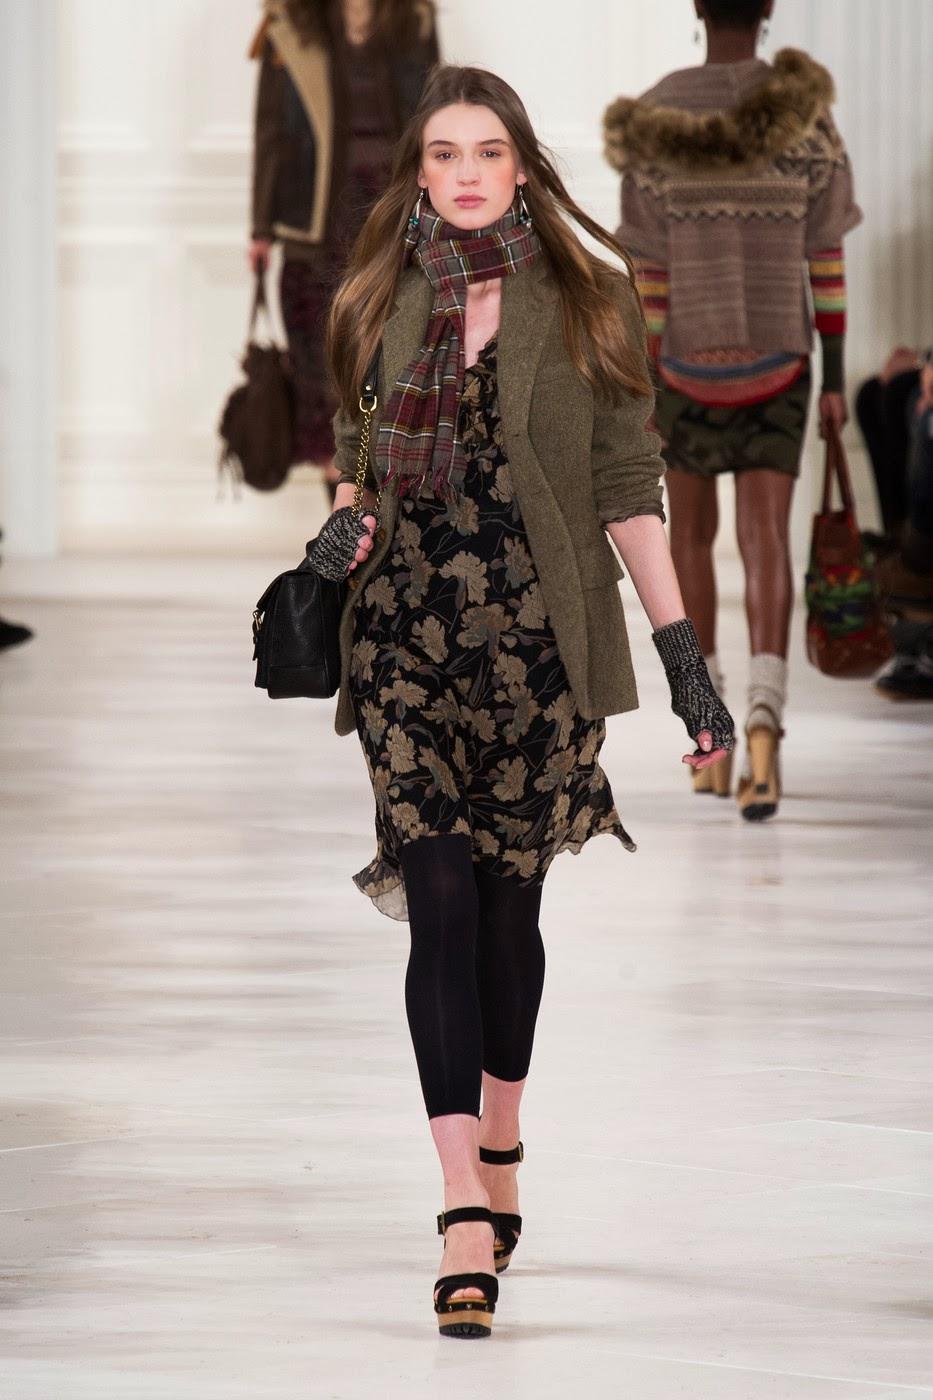 7276eac0e2f7 Самый традиционный вариант находим у Ralph Lauren – шифоновое платье он  сочетает с жакетом. Впрочем, формальную строгость классических look ов  нарушает ...